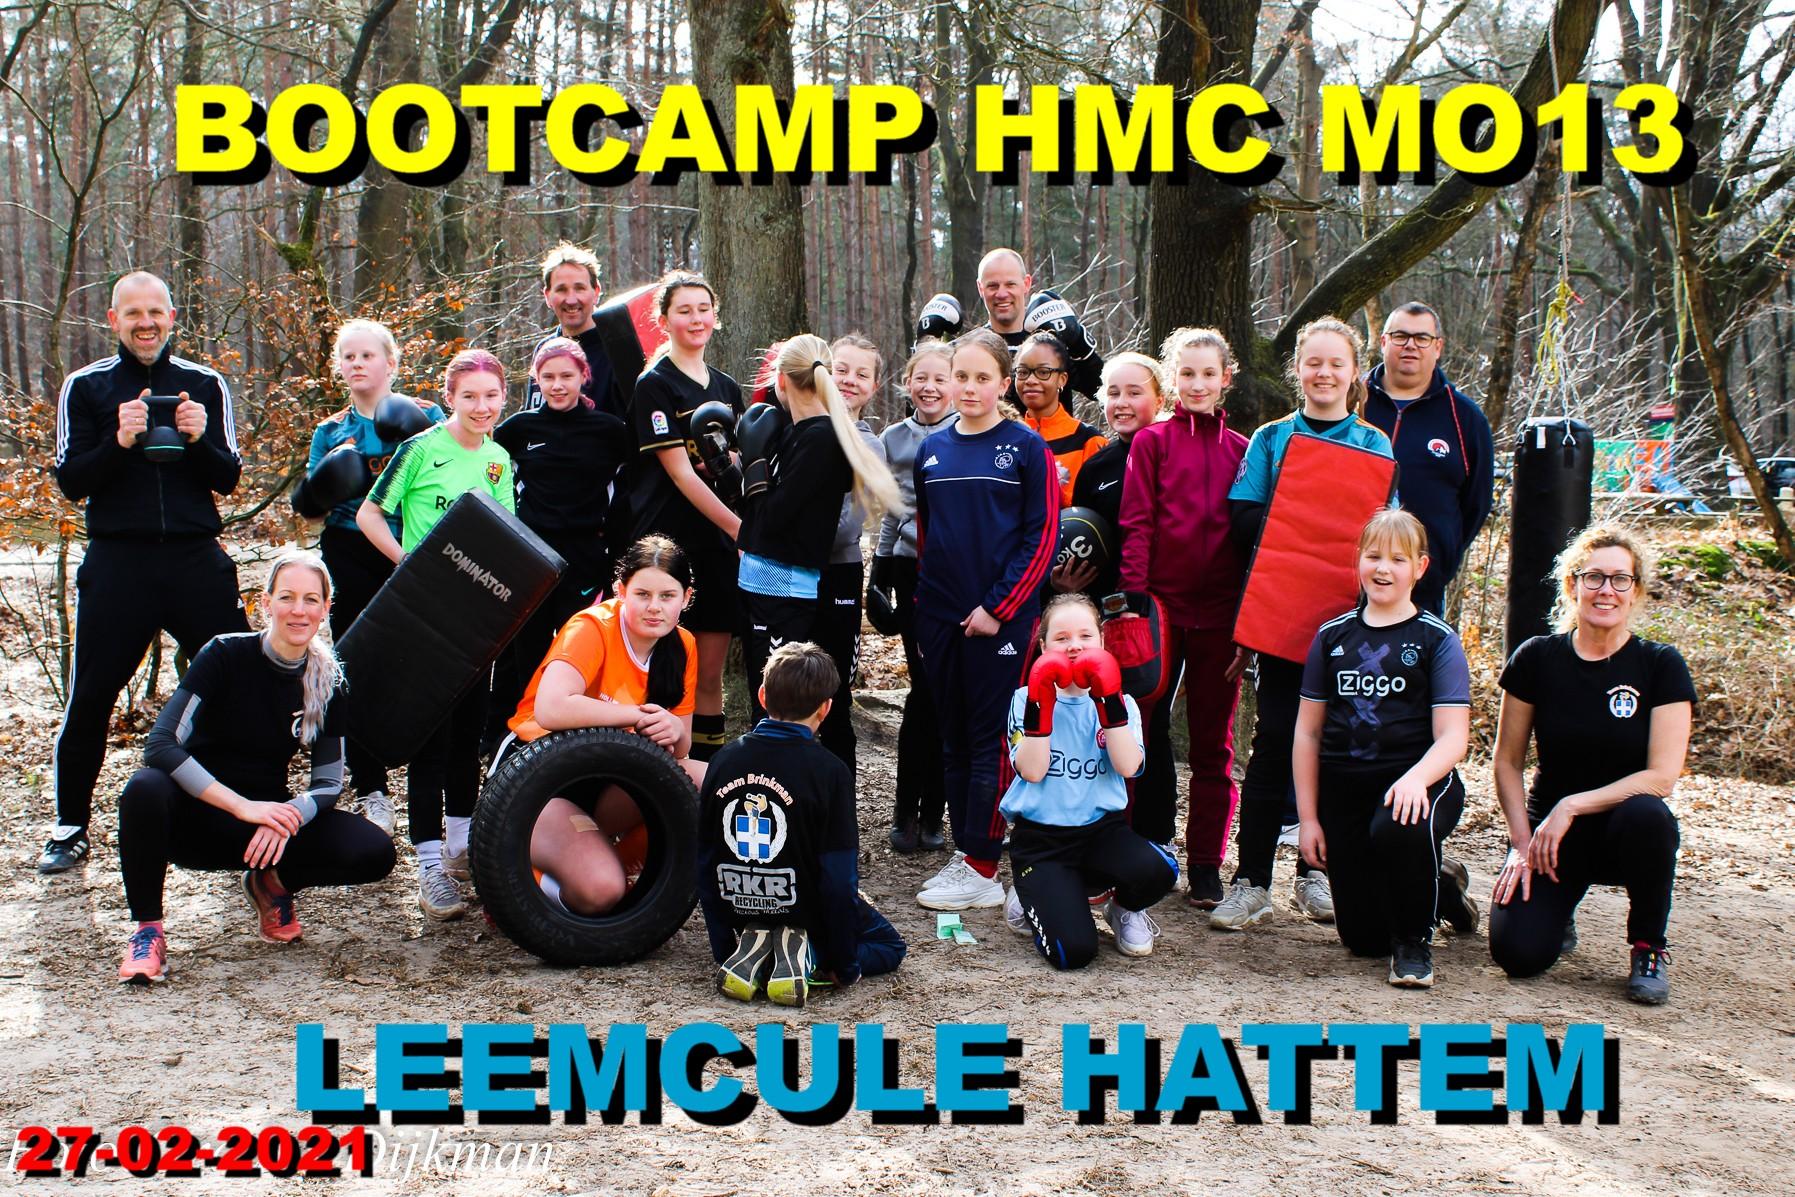 Bootcamp HMC MO13 in de Leemcule